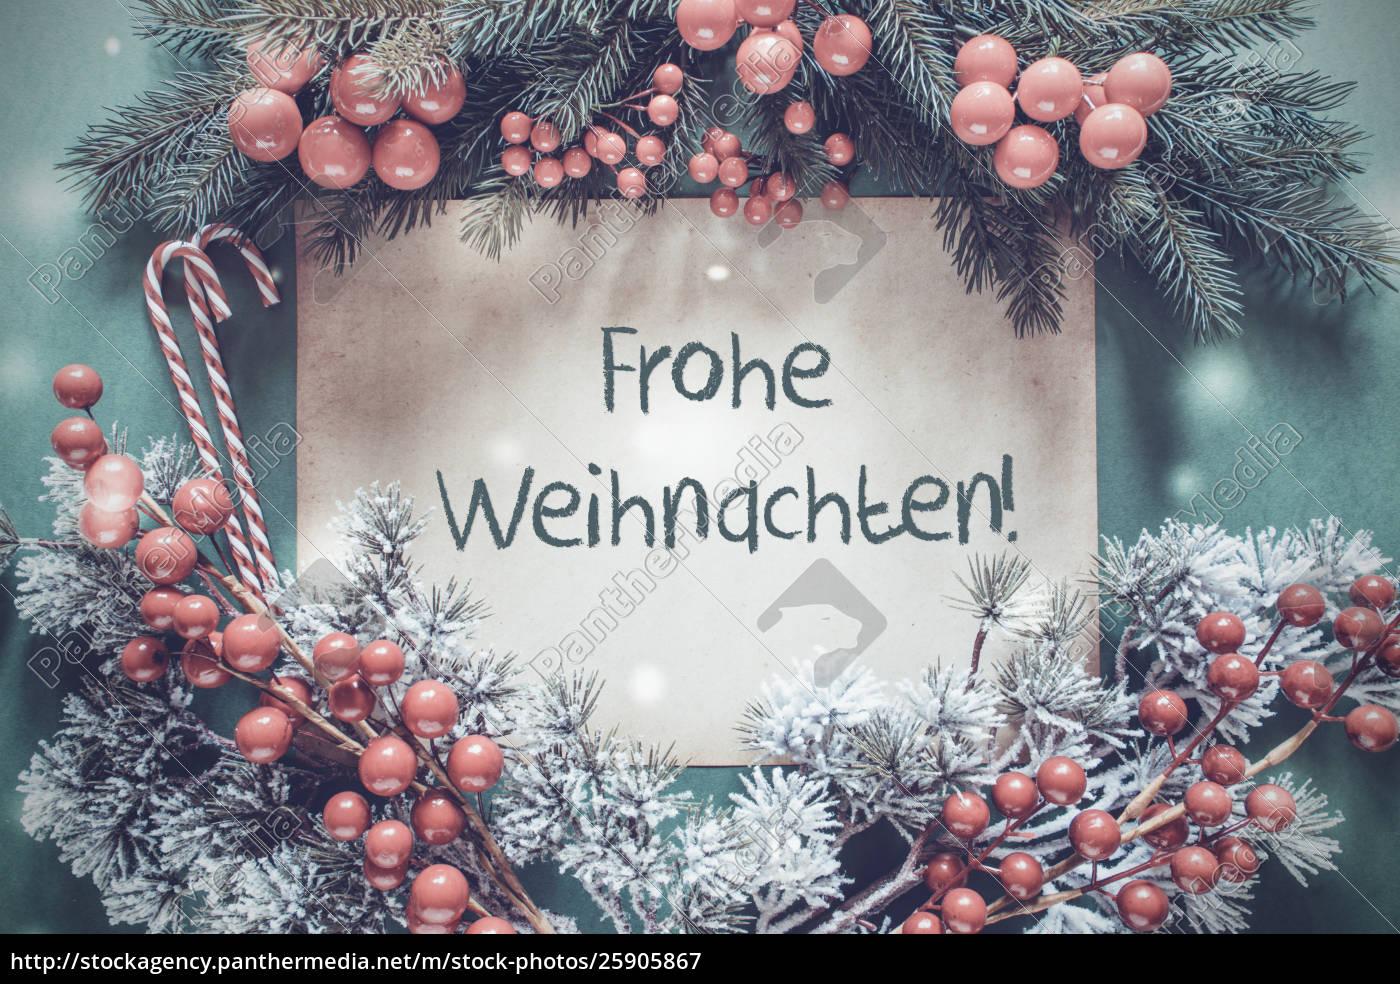 Frohe Weihnachten Hindi.Stockfoto 25905867 Christmas Garland Frohe Weihnachten Bedeutet Frohe Weihnachten